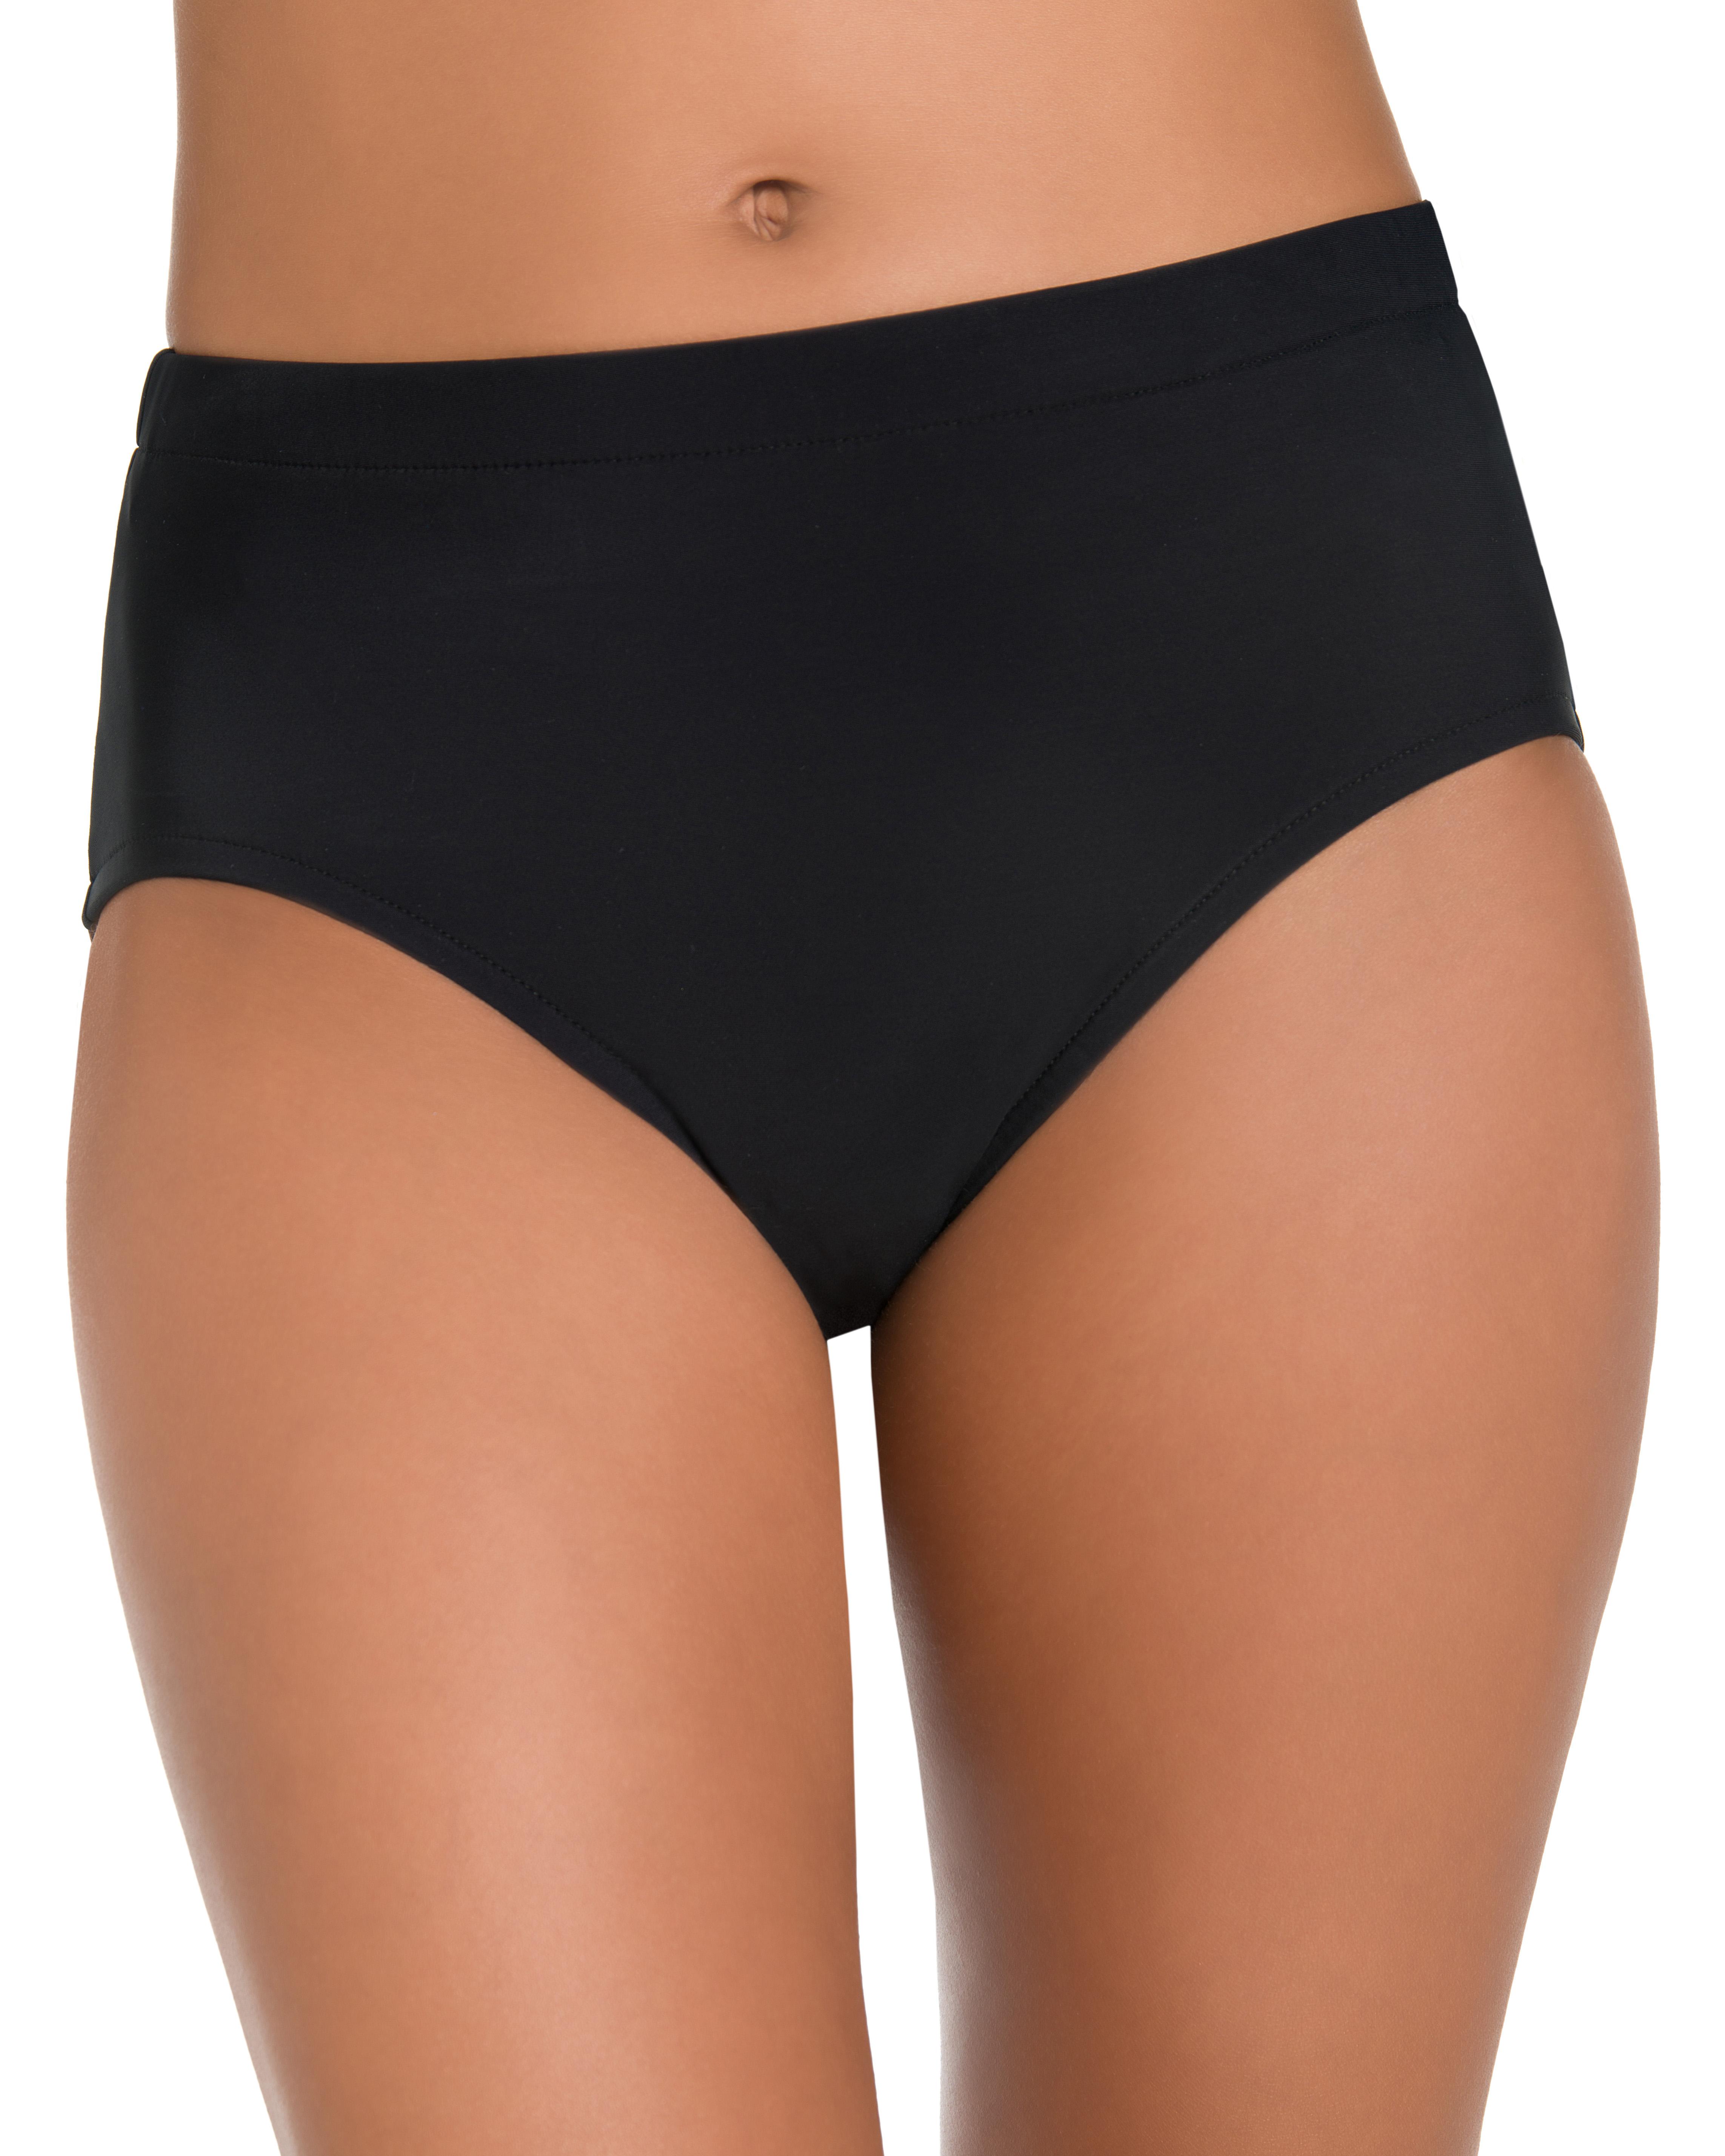 Penbrooke Swimsuit Brief Bottom - Misses -Black - Front